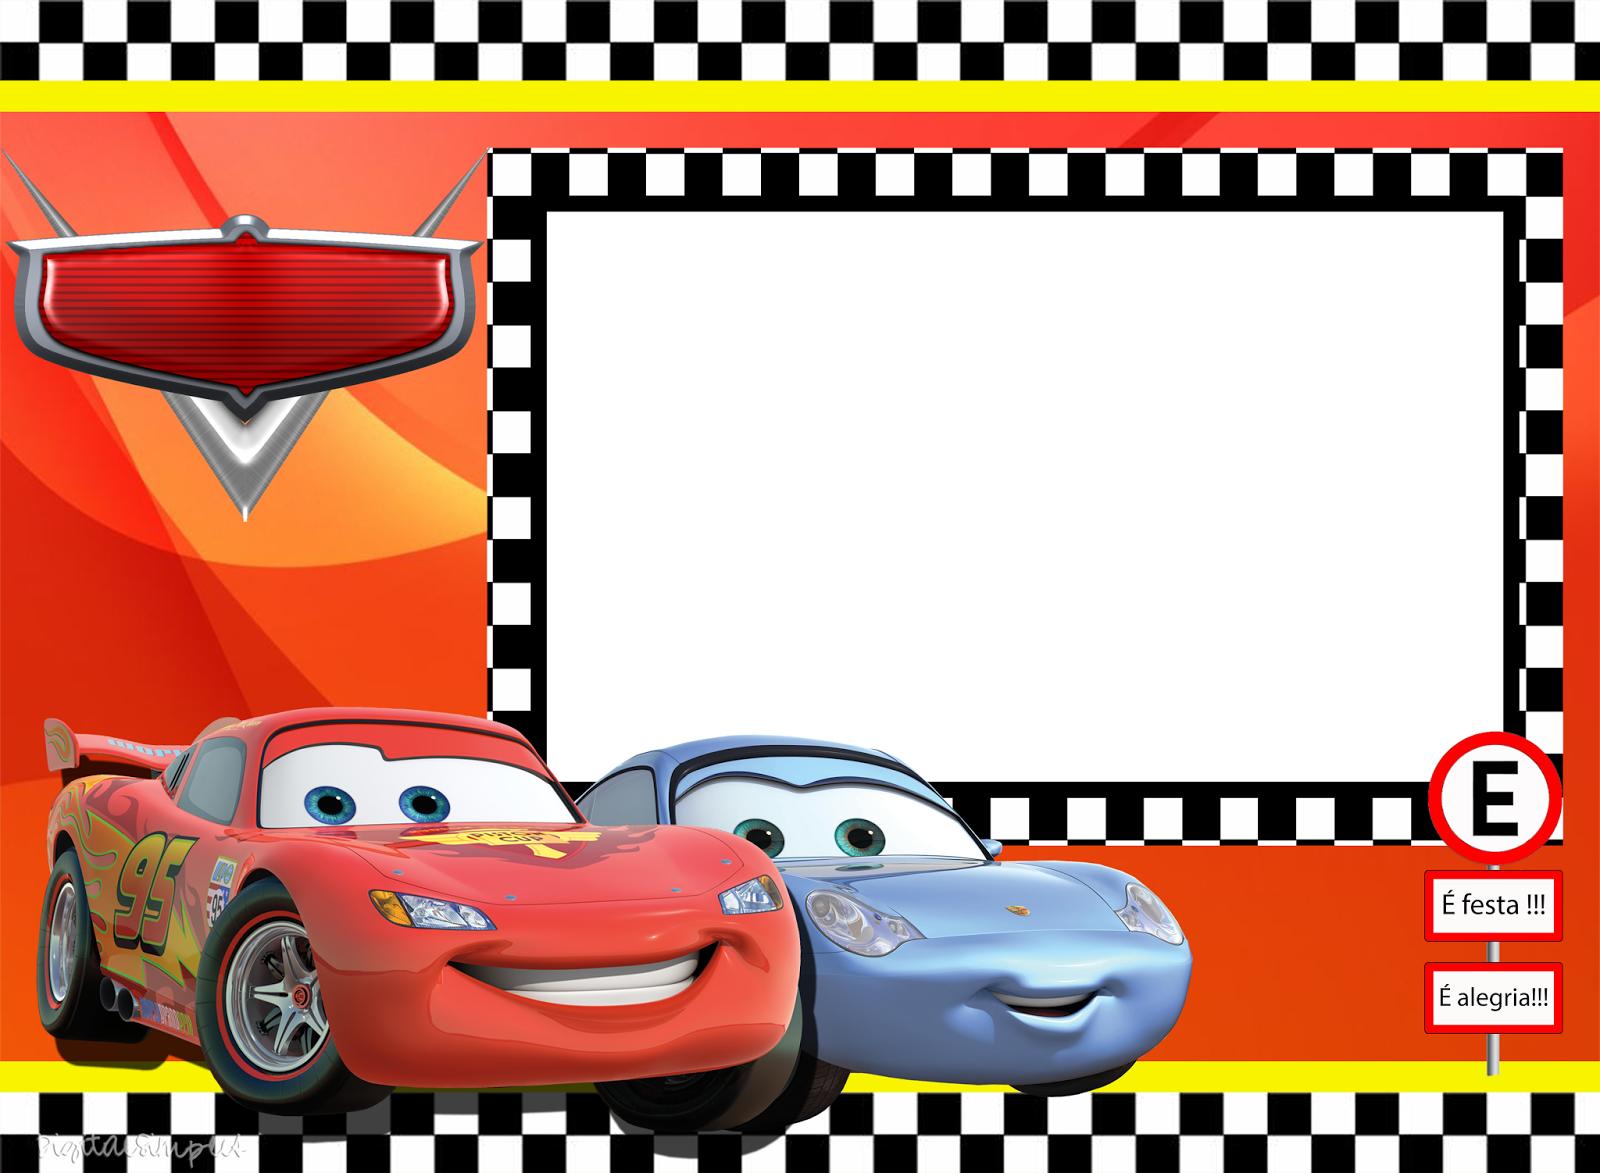 Kit Aniversário Personalizados Tema Carros Da Disney Para Imprimir